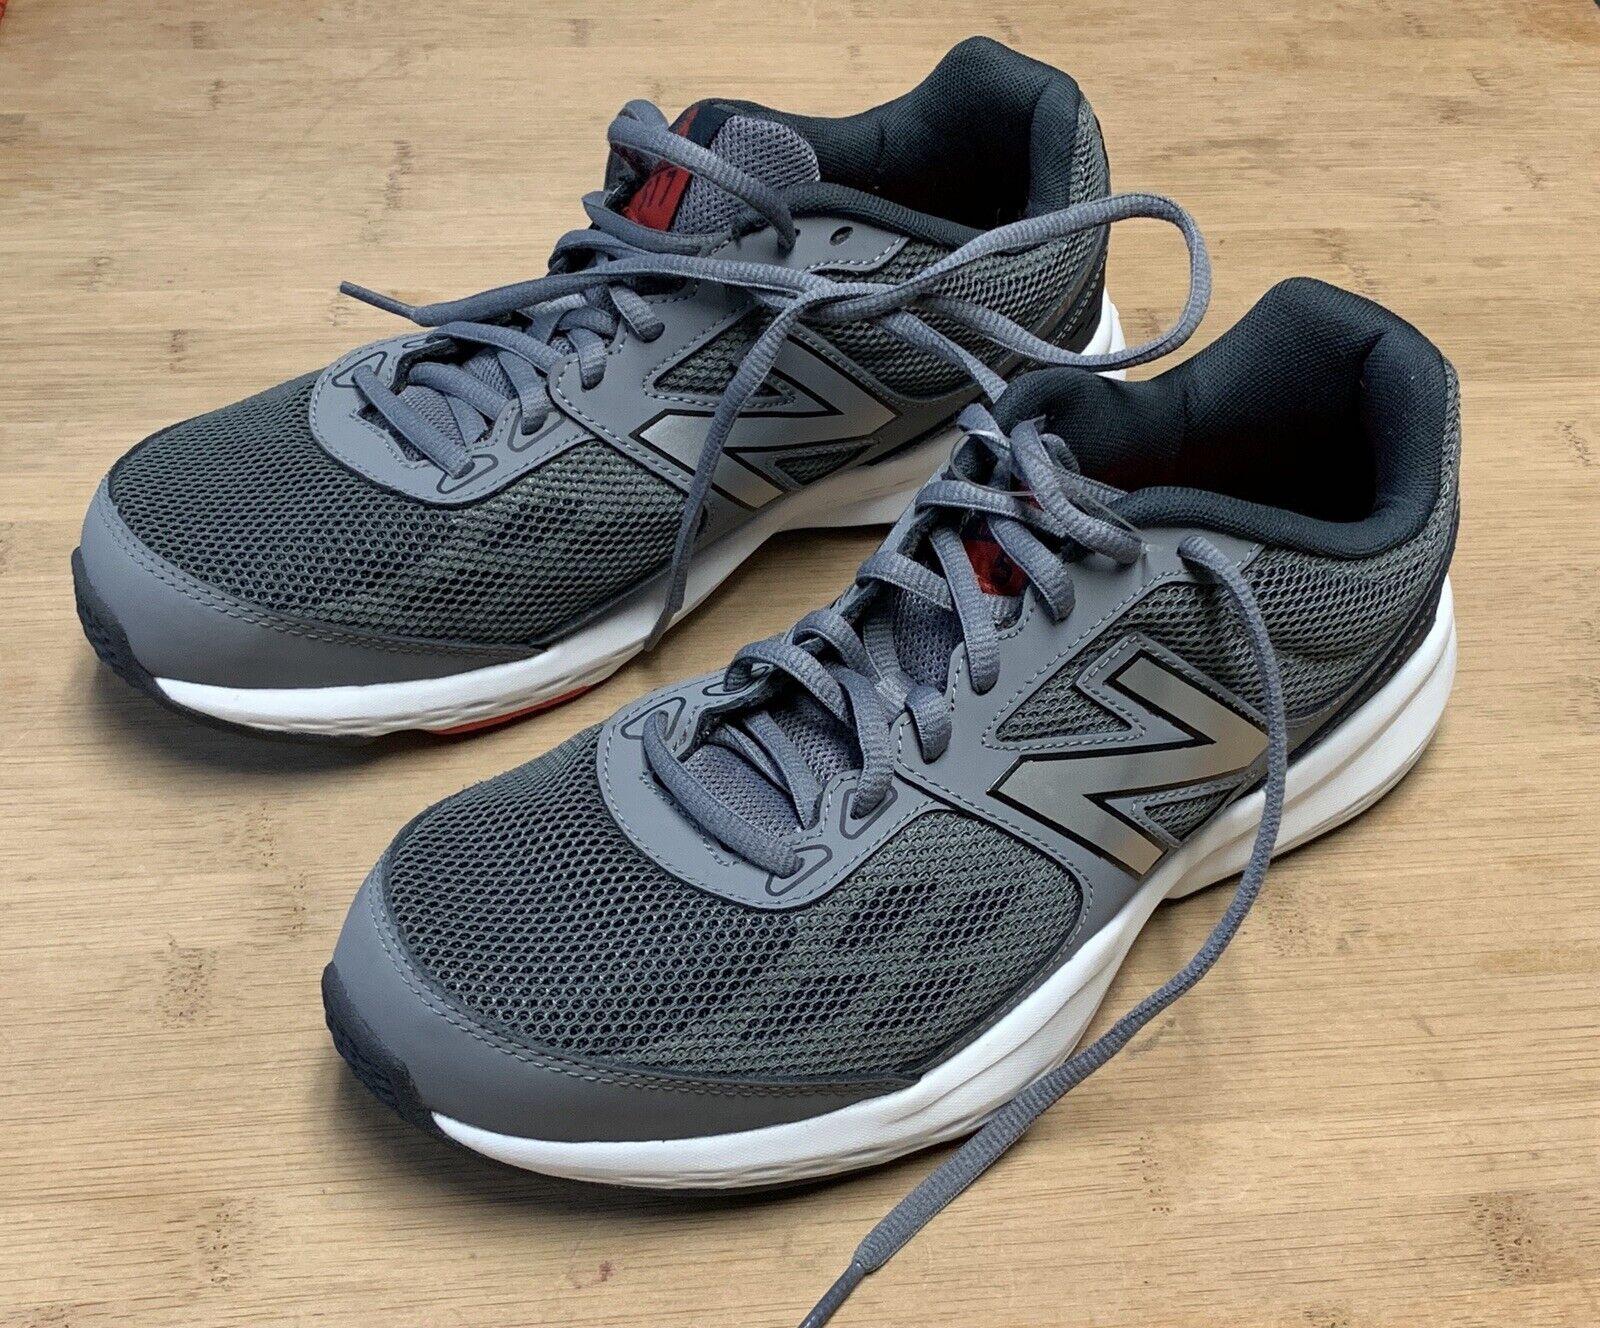 Para hombres 8 Extra Ancho 4E New Balance 517 gris Nuevos Zapatos de entrenamiento atlético